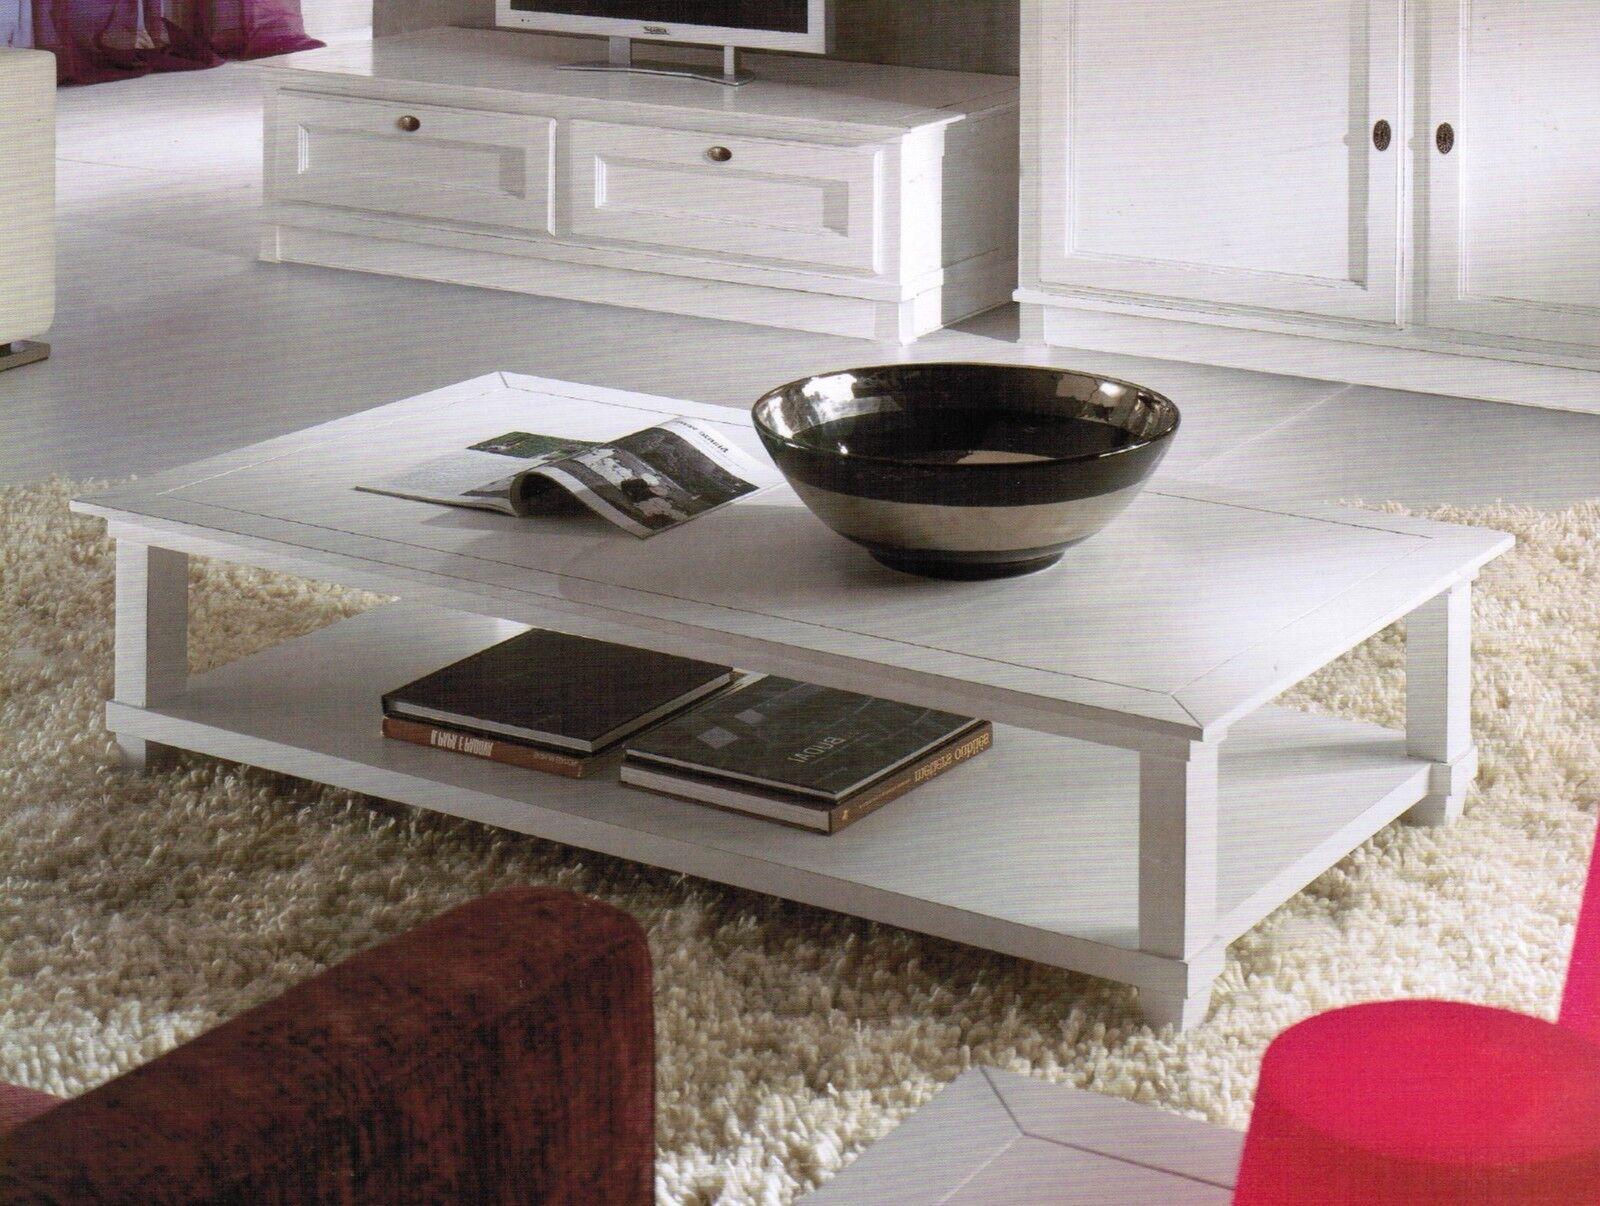 Tavolino Da Salotto Laccato Bianco.Tavolino Basso In Legno Laccato Bianco Da Salotto In Vari